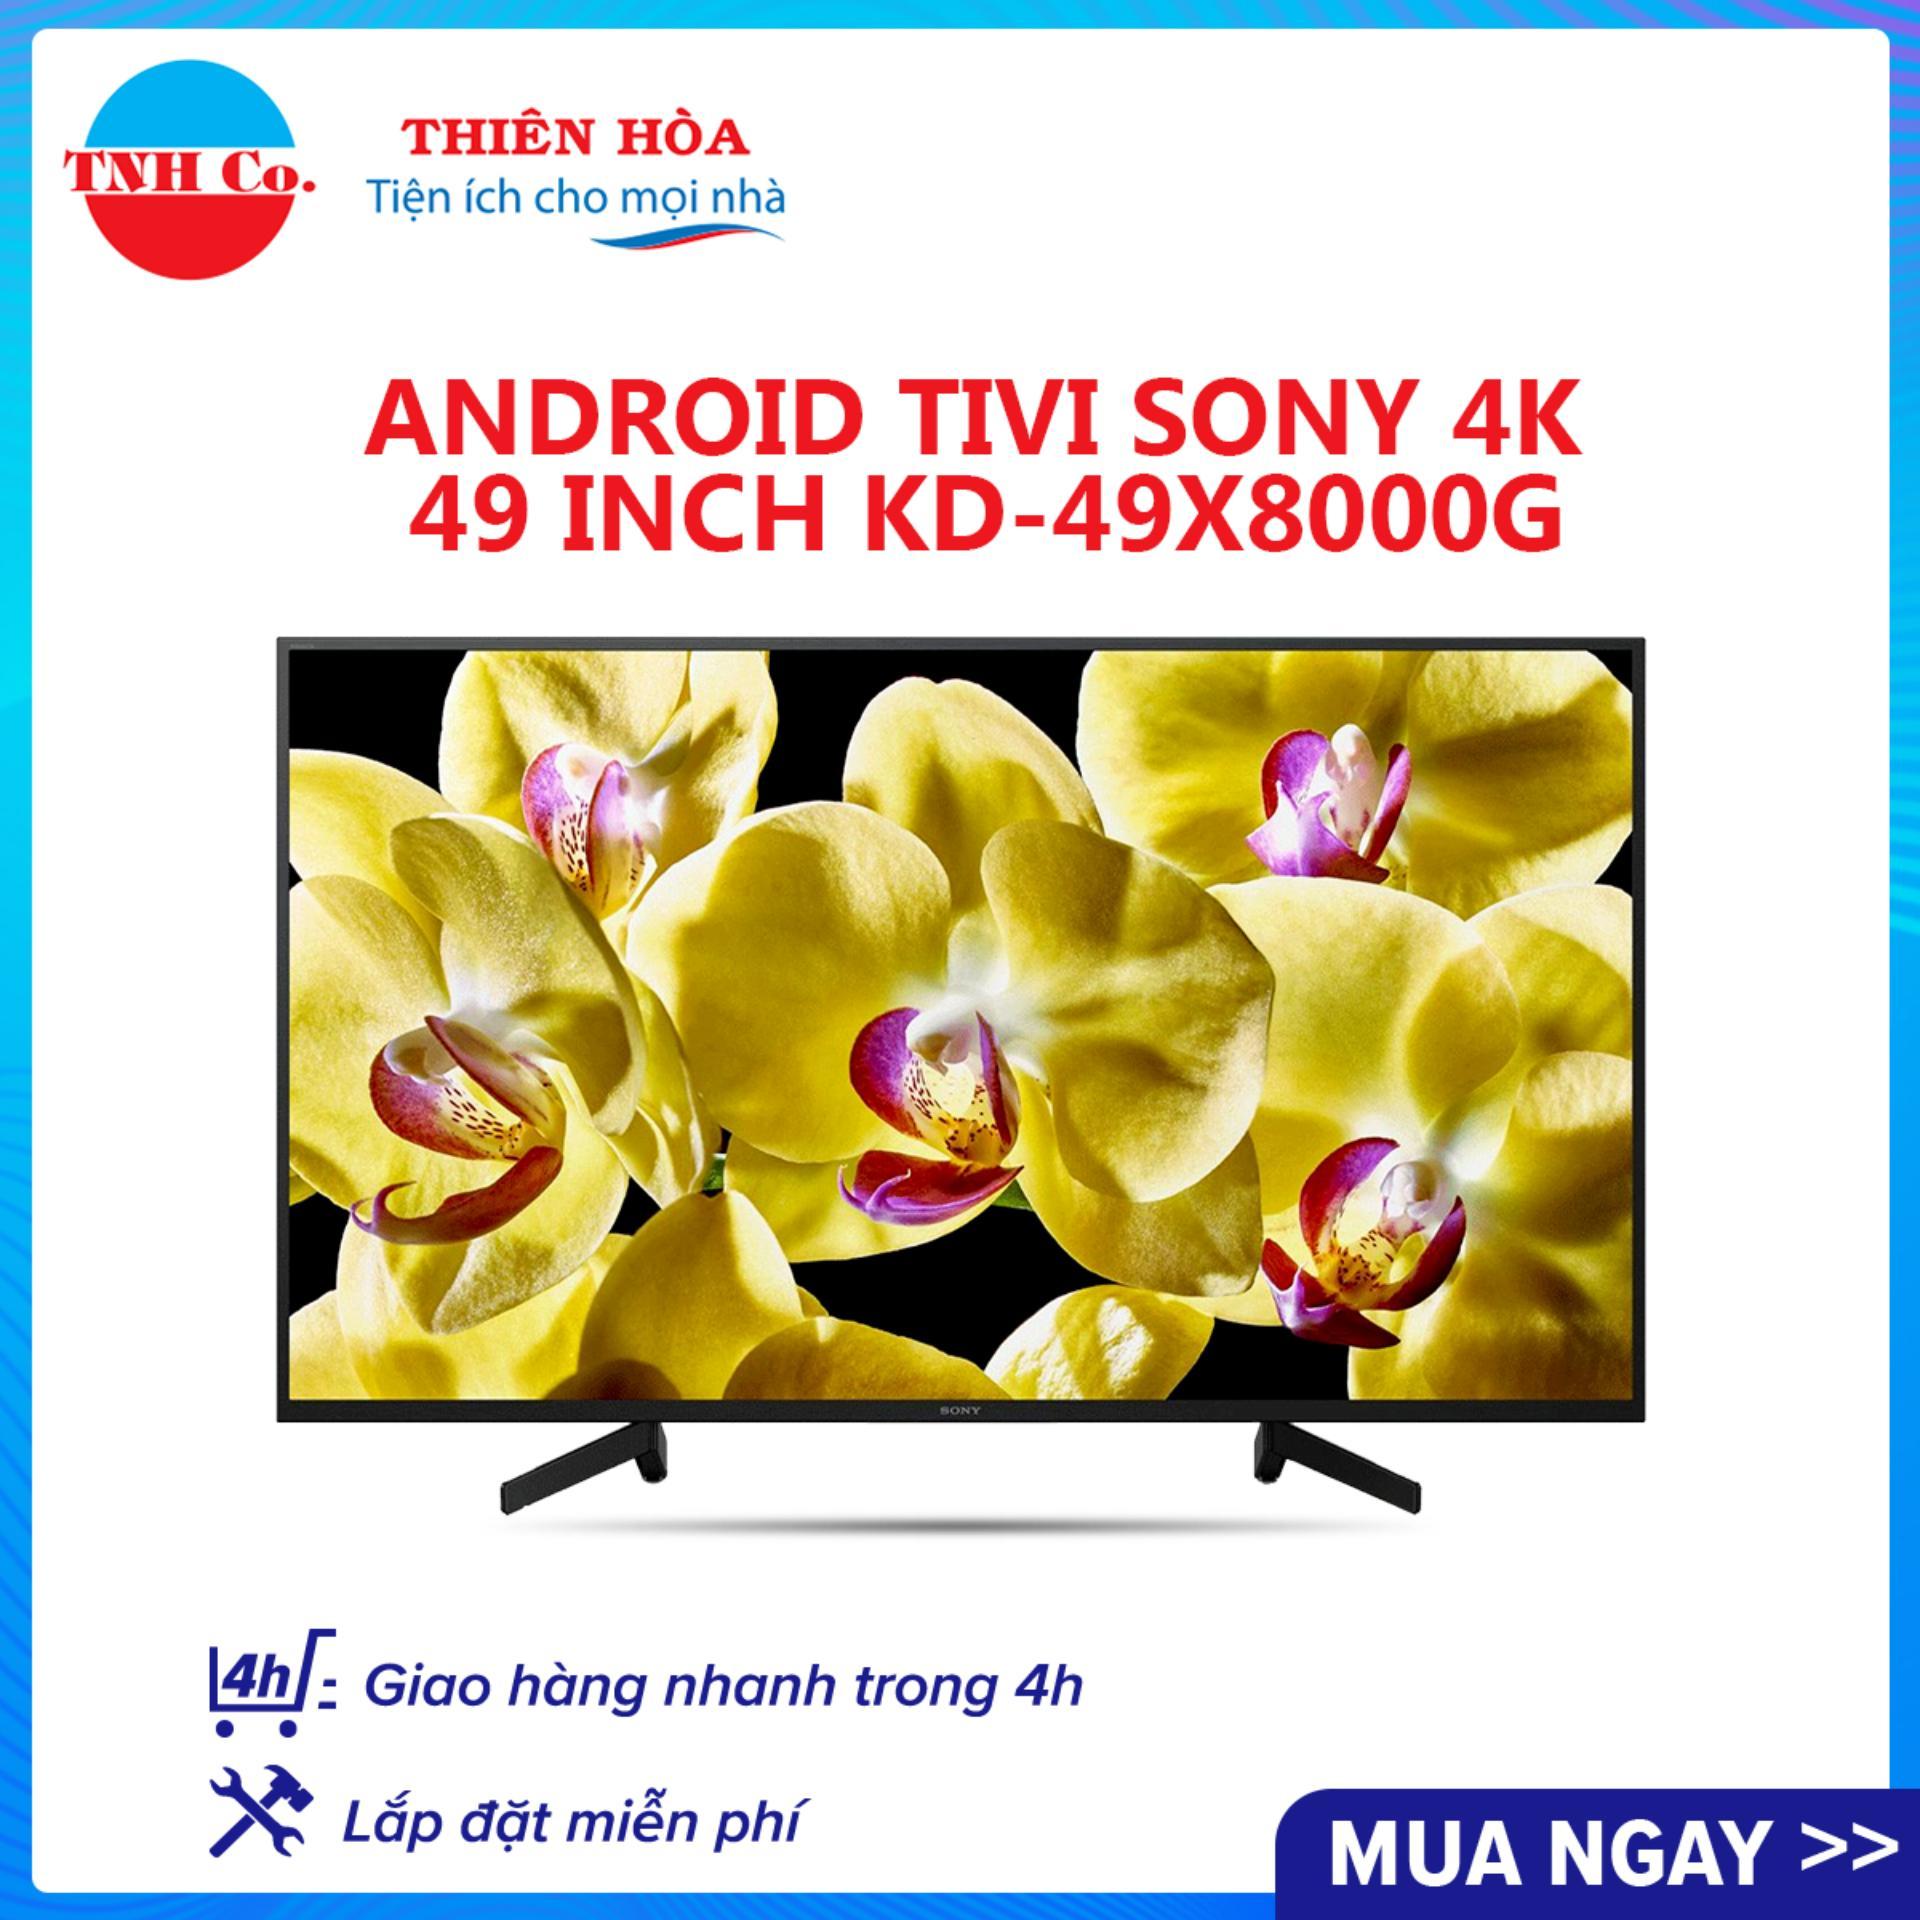 Bảng giá Smart Android Tivi Sony 4K UHD 49 inch KD-49X8000G (Đen) kết nối Internet Wifi - Bảo hành 2 năm